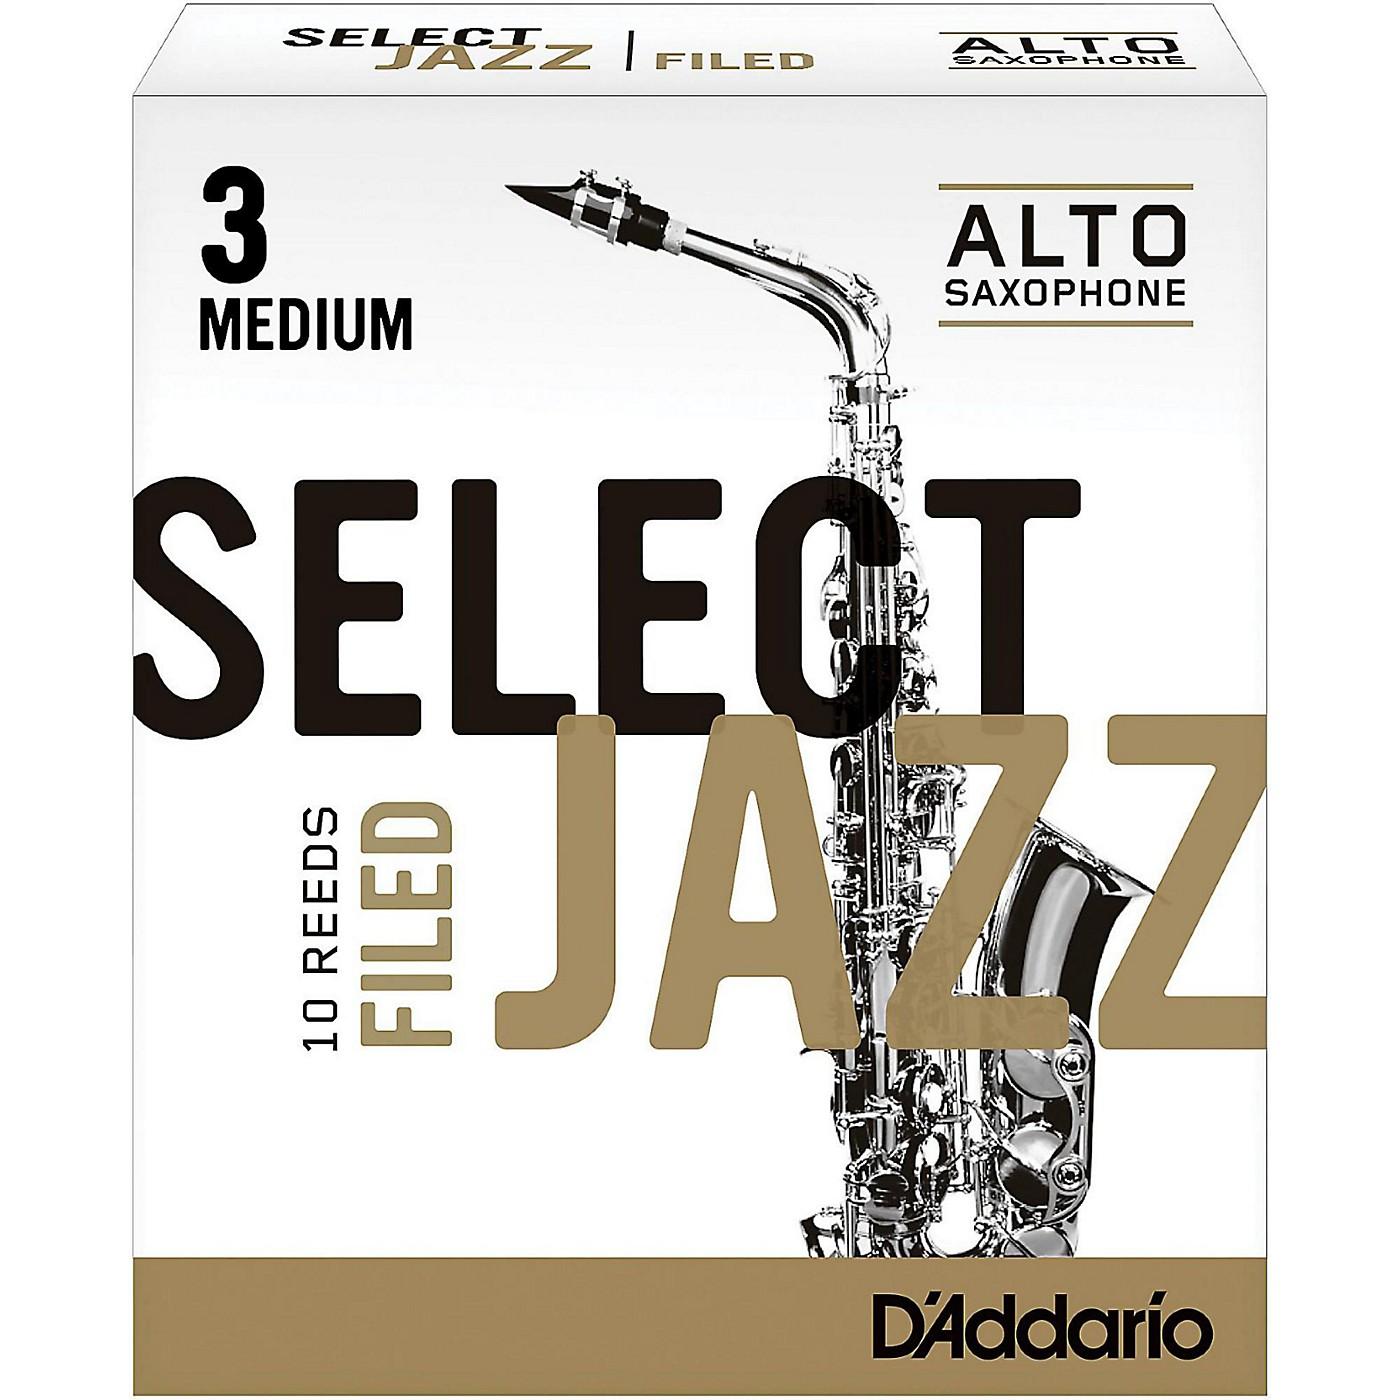 D'Addario Woodwinds Select Jazz Filed Alto Saxophone Reeds thumbnail